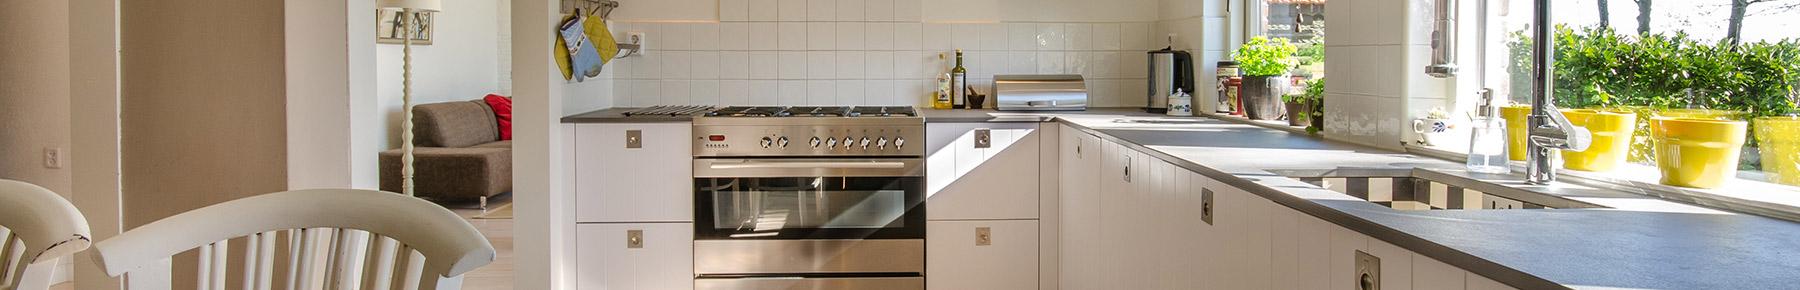 Reformas CGR - Reforma de cocinas en tres cantos